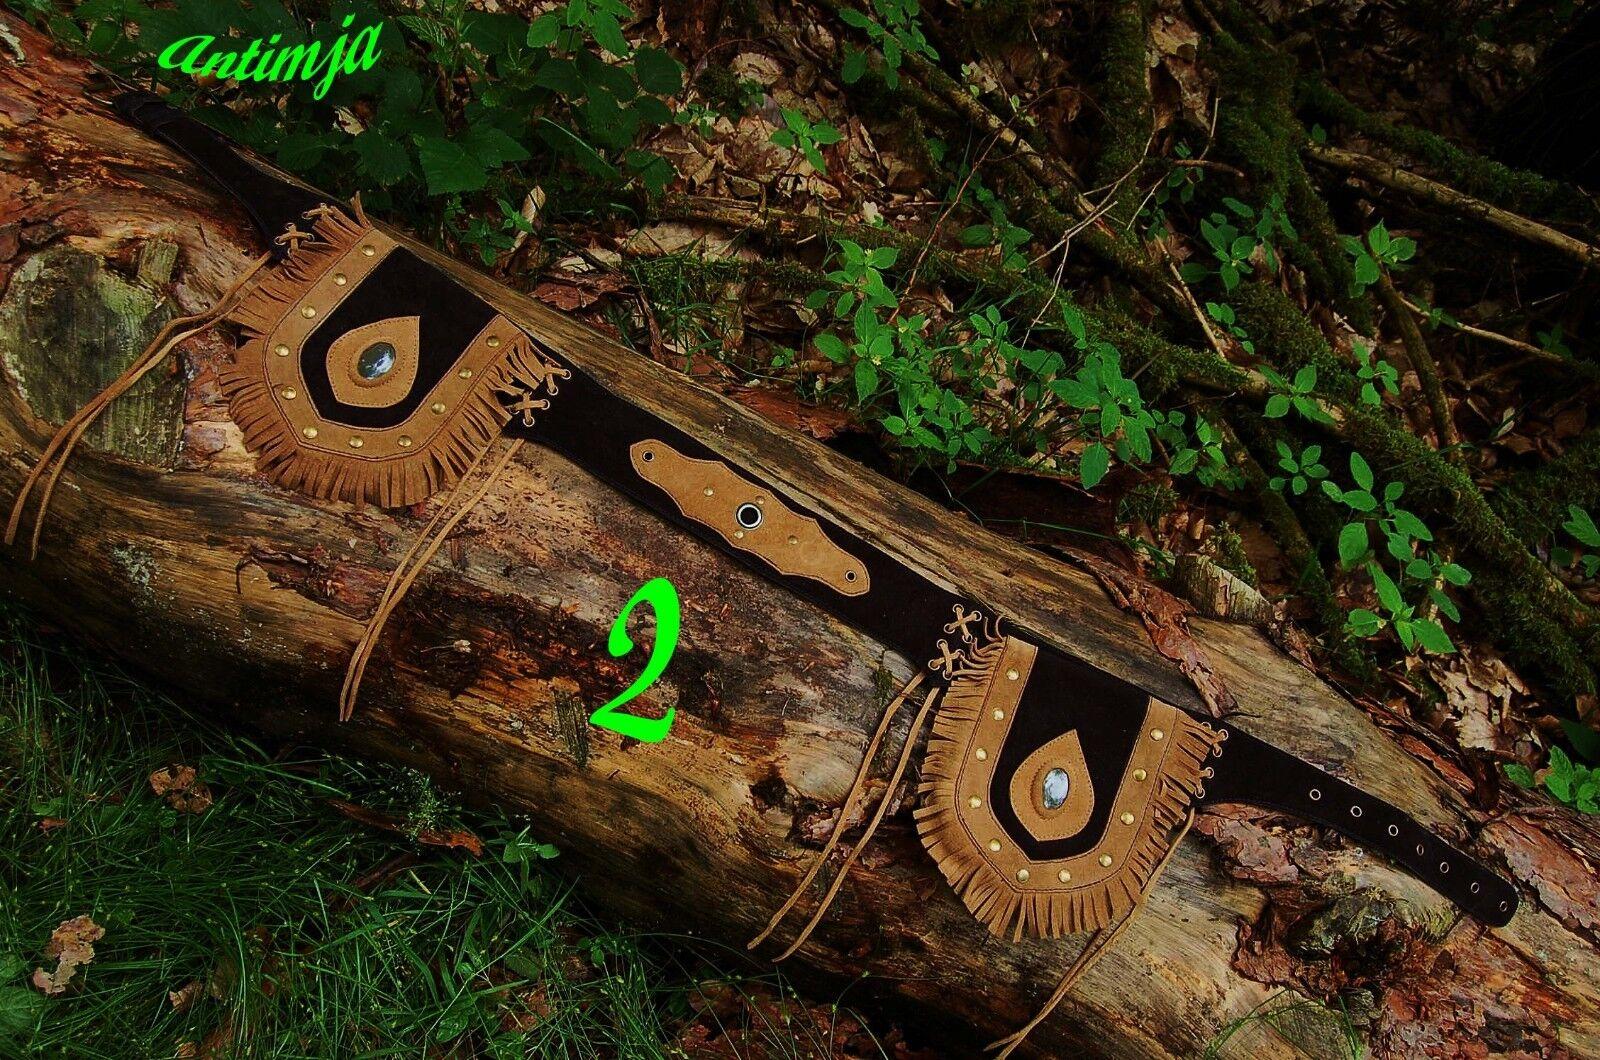 Gürtel/Bauchtasche Hippie Echtleder Hippie Gürtel/Bauchtasche Goa Mittelalter Biker Geldgürtel Reisegürtel 464c21